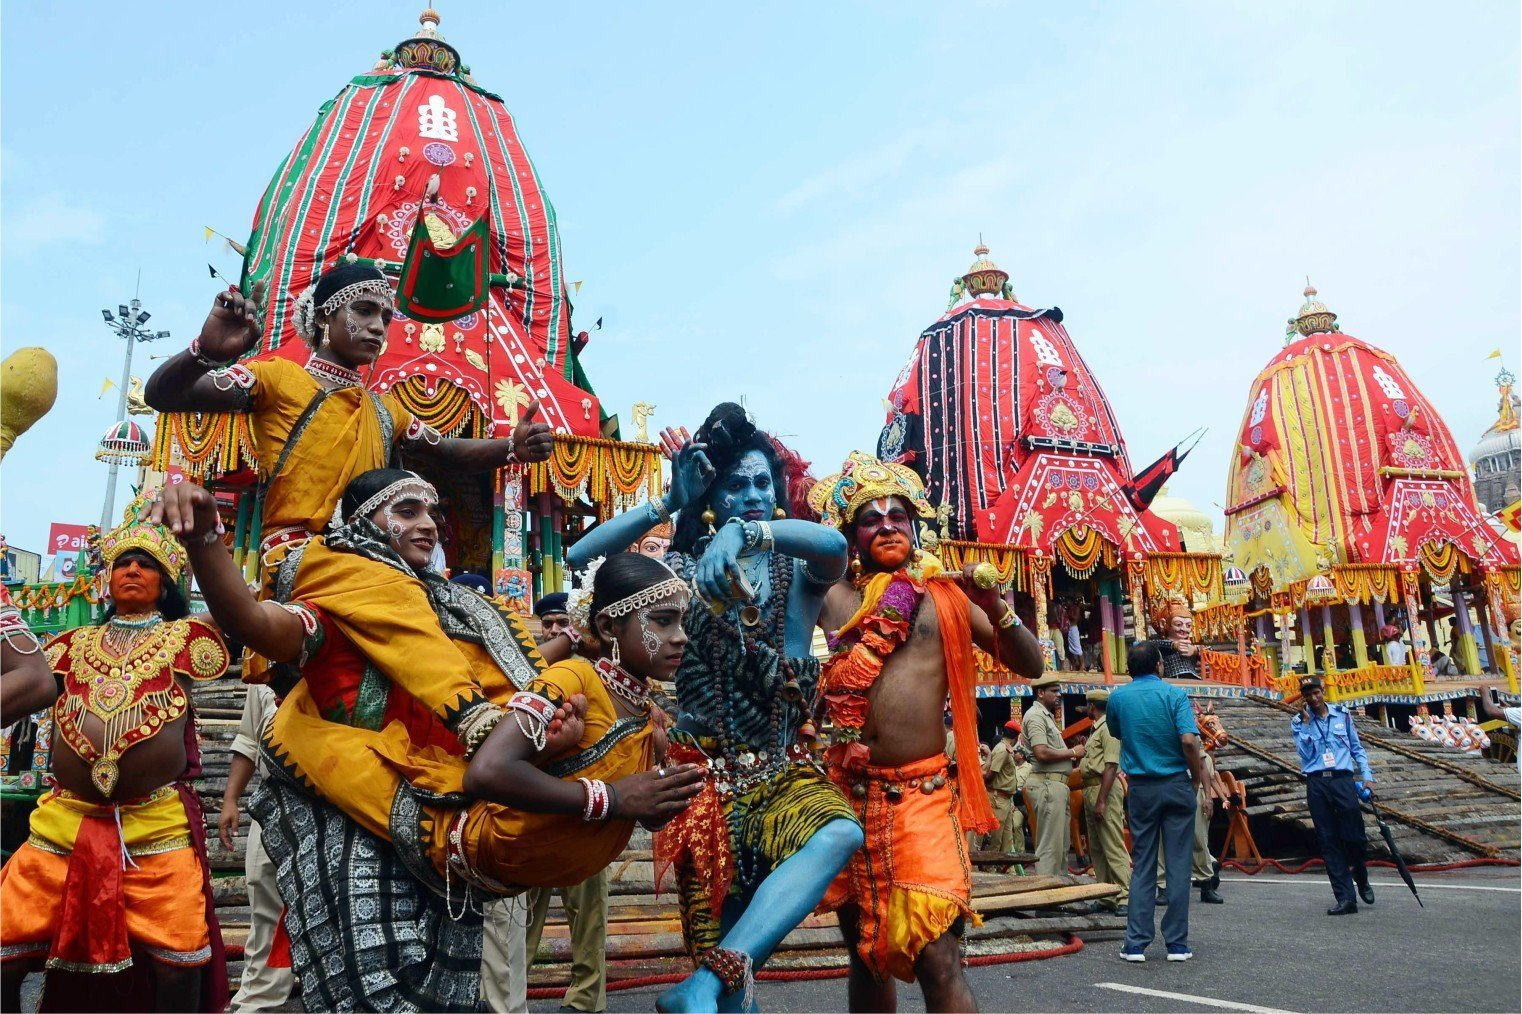 Rath Yatra (Chariot Festival), Puri, India. Праздник Колесниц в Пури, Индия.